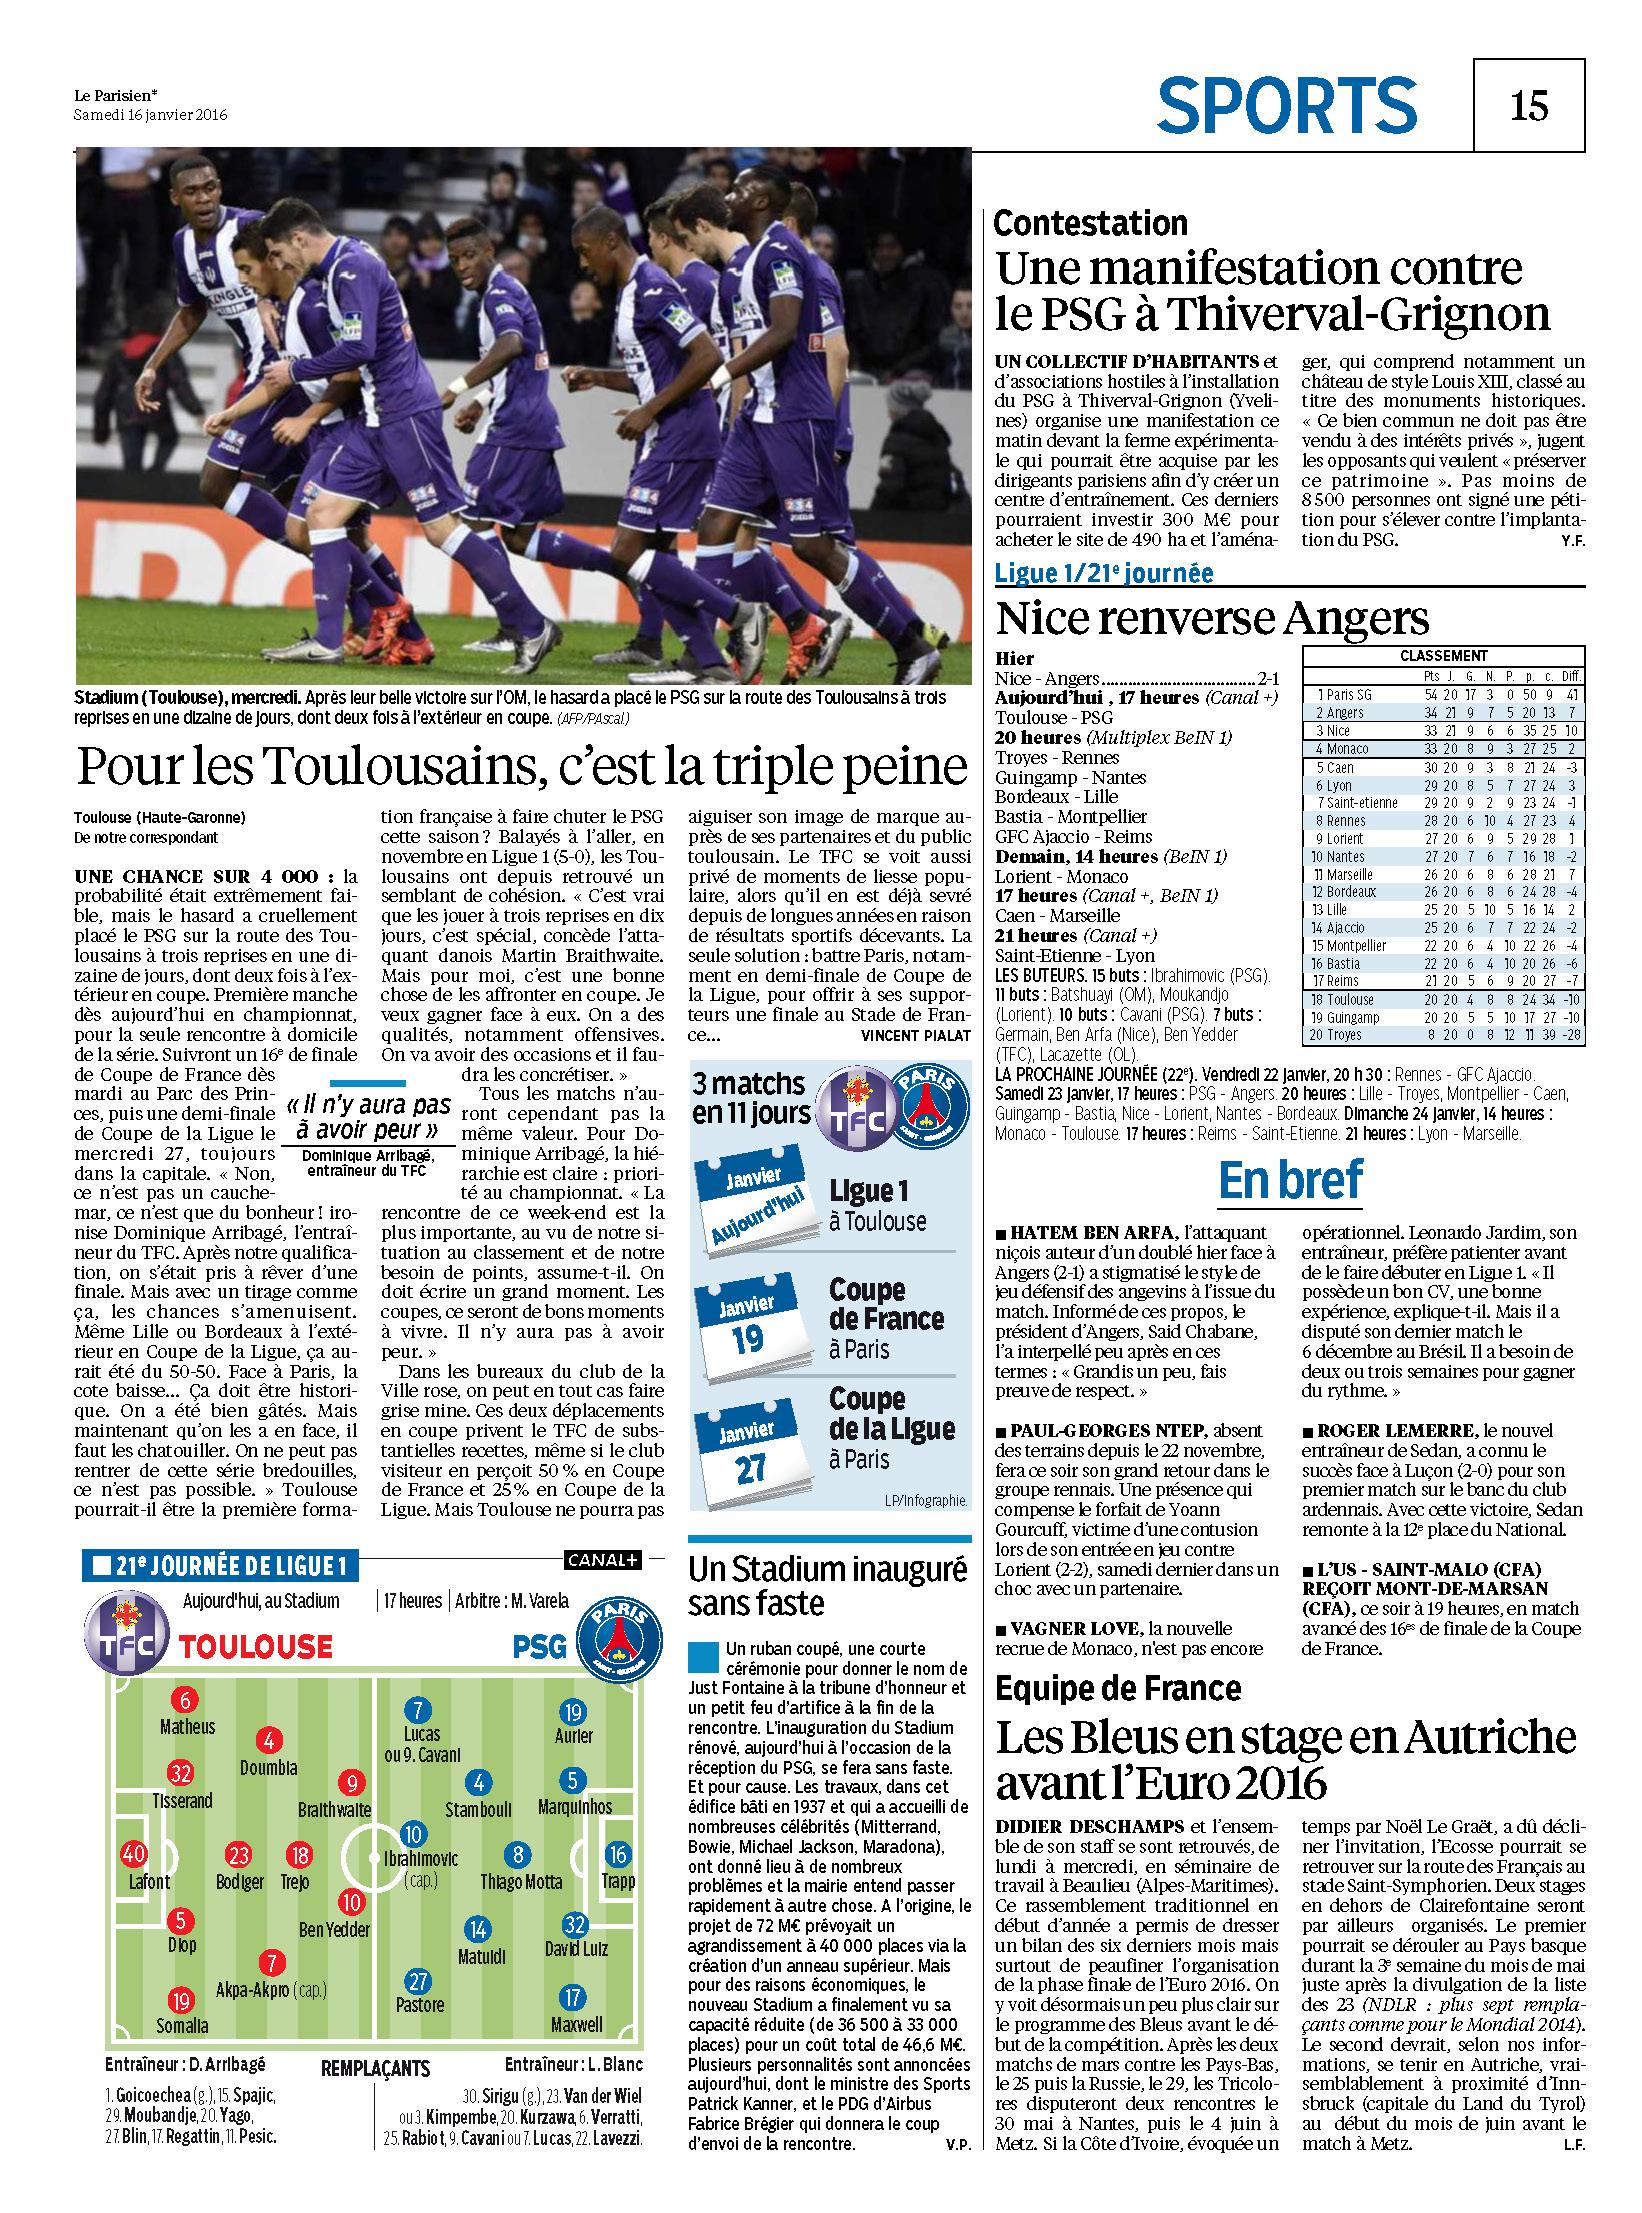 Le parisien journal de paris du samedi 16 janvier 2016 page 2 onlynous - Le journal de toulouse ...